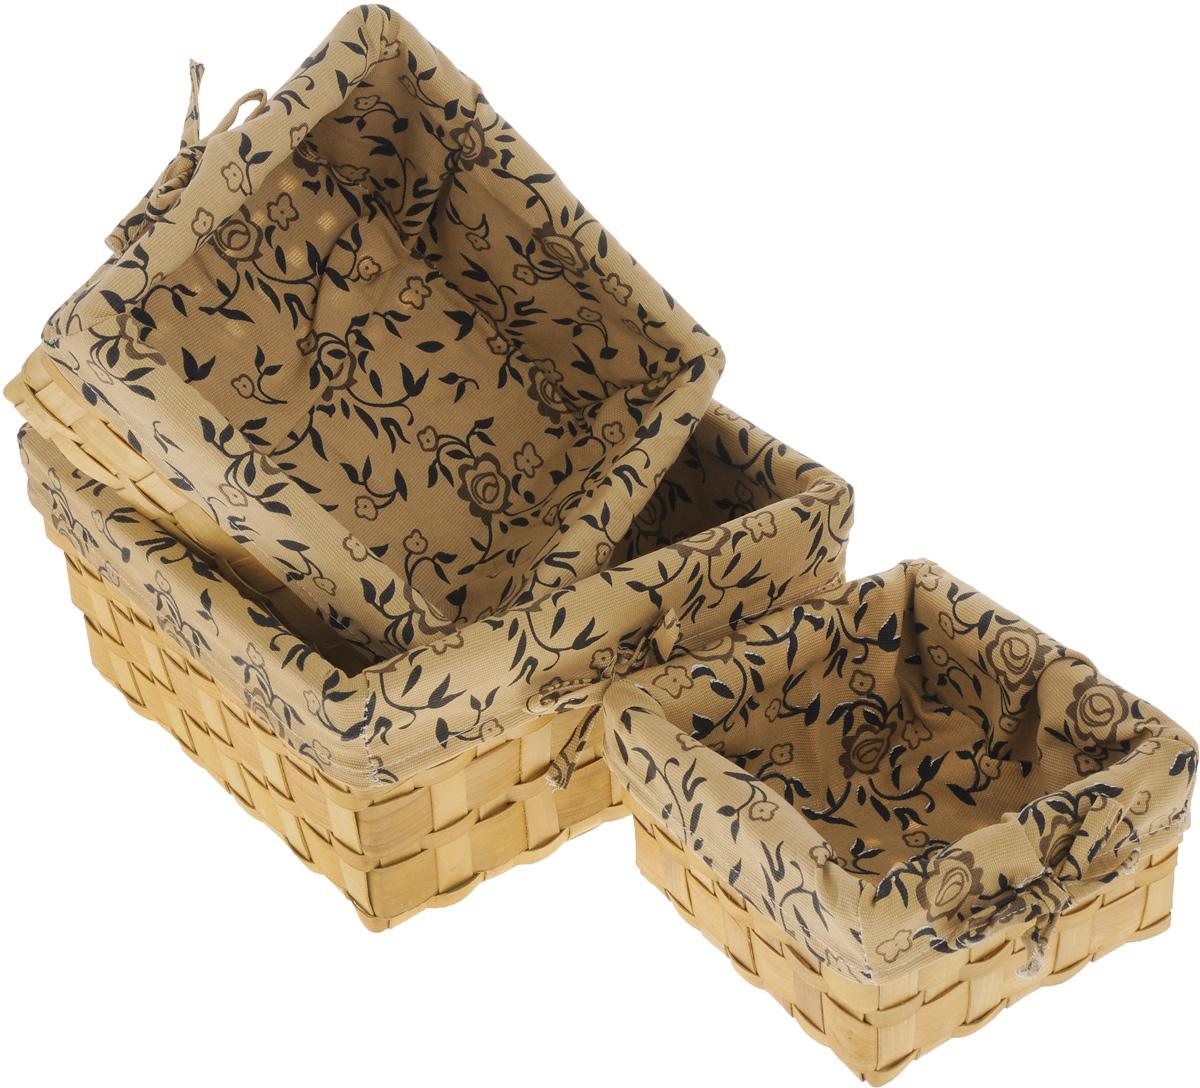 Набор плетеных корзинок Miolla, цвет: бежевый, коричневый, 3 шт. QL400449QL400449_бежевый, коричневыйНабор Miolla состоит из трех квадратных плетеных корзинок разного размера. Изделия выполнены из плетеной древесины и обтянуты тканью с оригинальным растительным узором. Такие корзинки прекрасно подойдут для хранения хлеба и других хлебобулочных изделий, печенья, а также бытовых принадлежностей и различных мелочей. Стильный дизайн корзинок сделает их украшением интерьера помещения. Подойдут для кухни, спальни, прихожей, ванной. Размер малой корзины: 21 х 21 х 11,5 см. Размер средней корзины: 25 х 25 х 14 см. Размер большой корзины: 30 х 30 х 16 см.